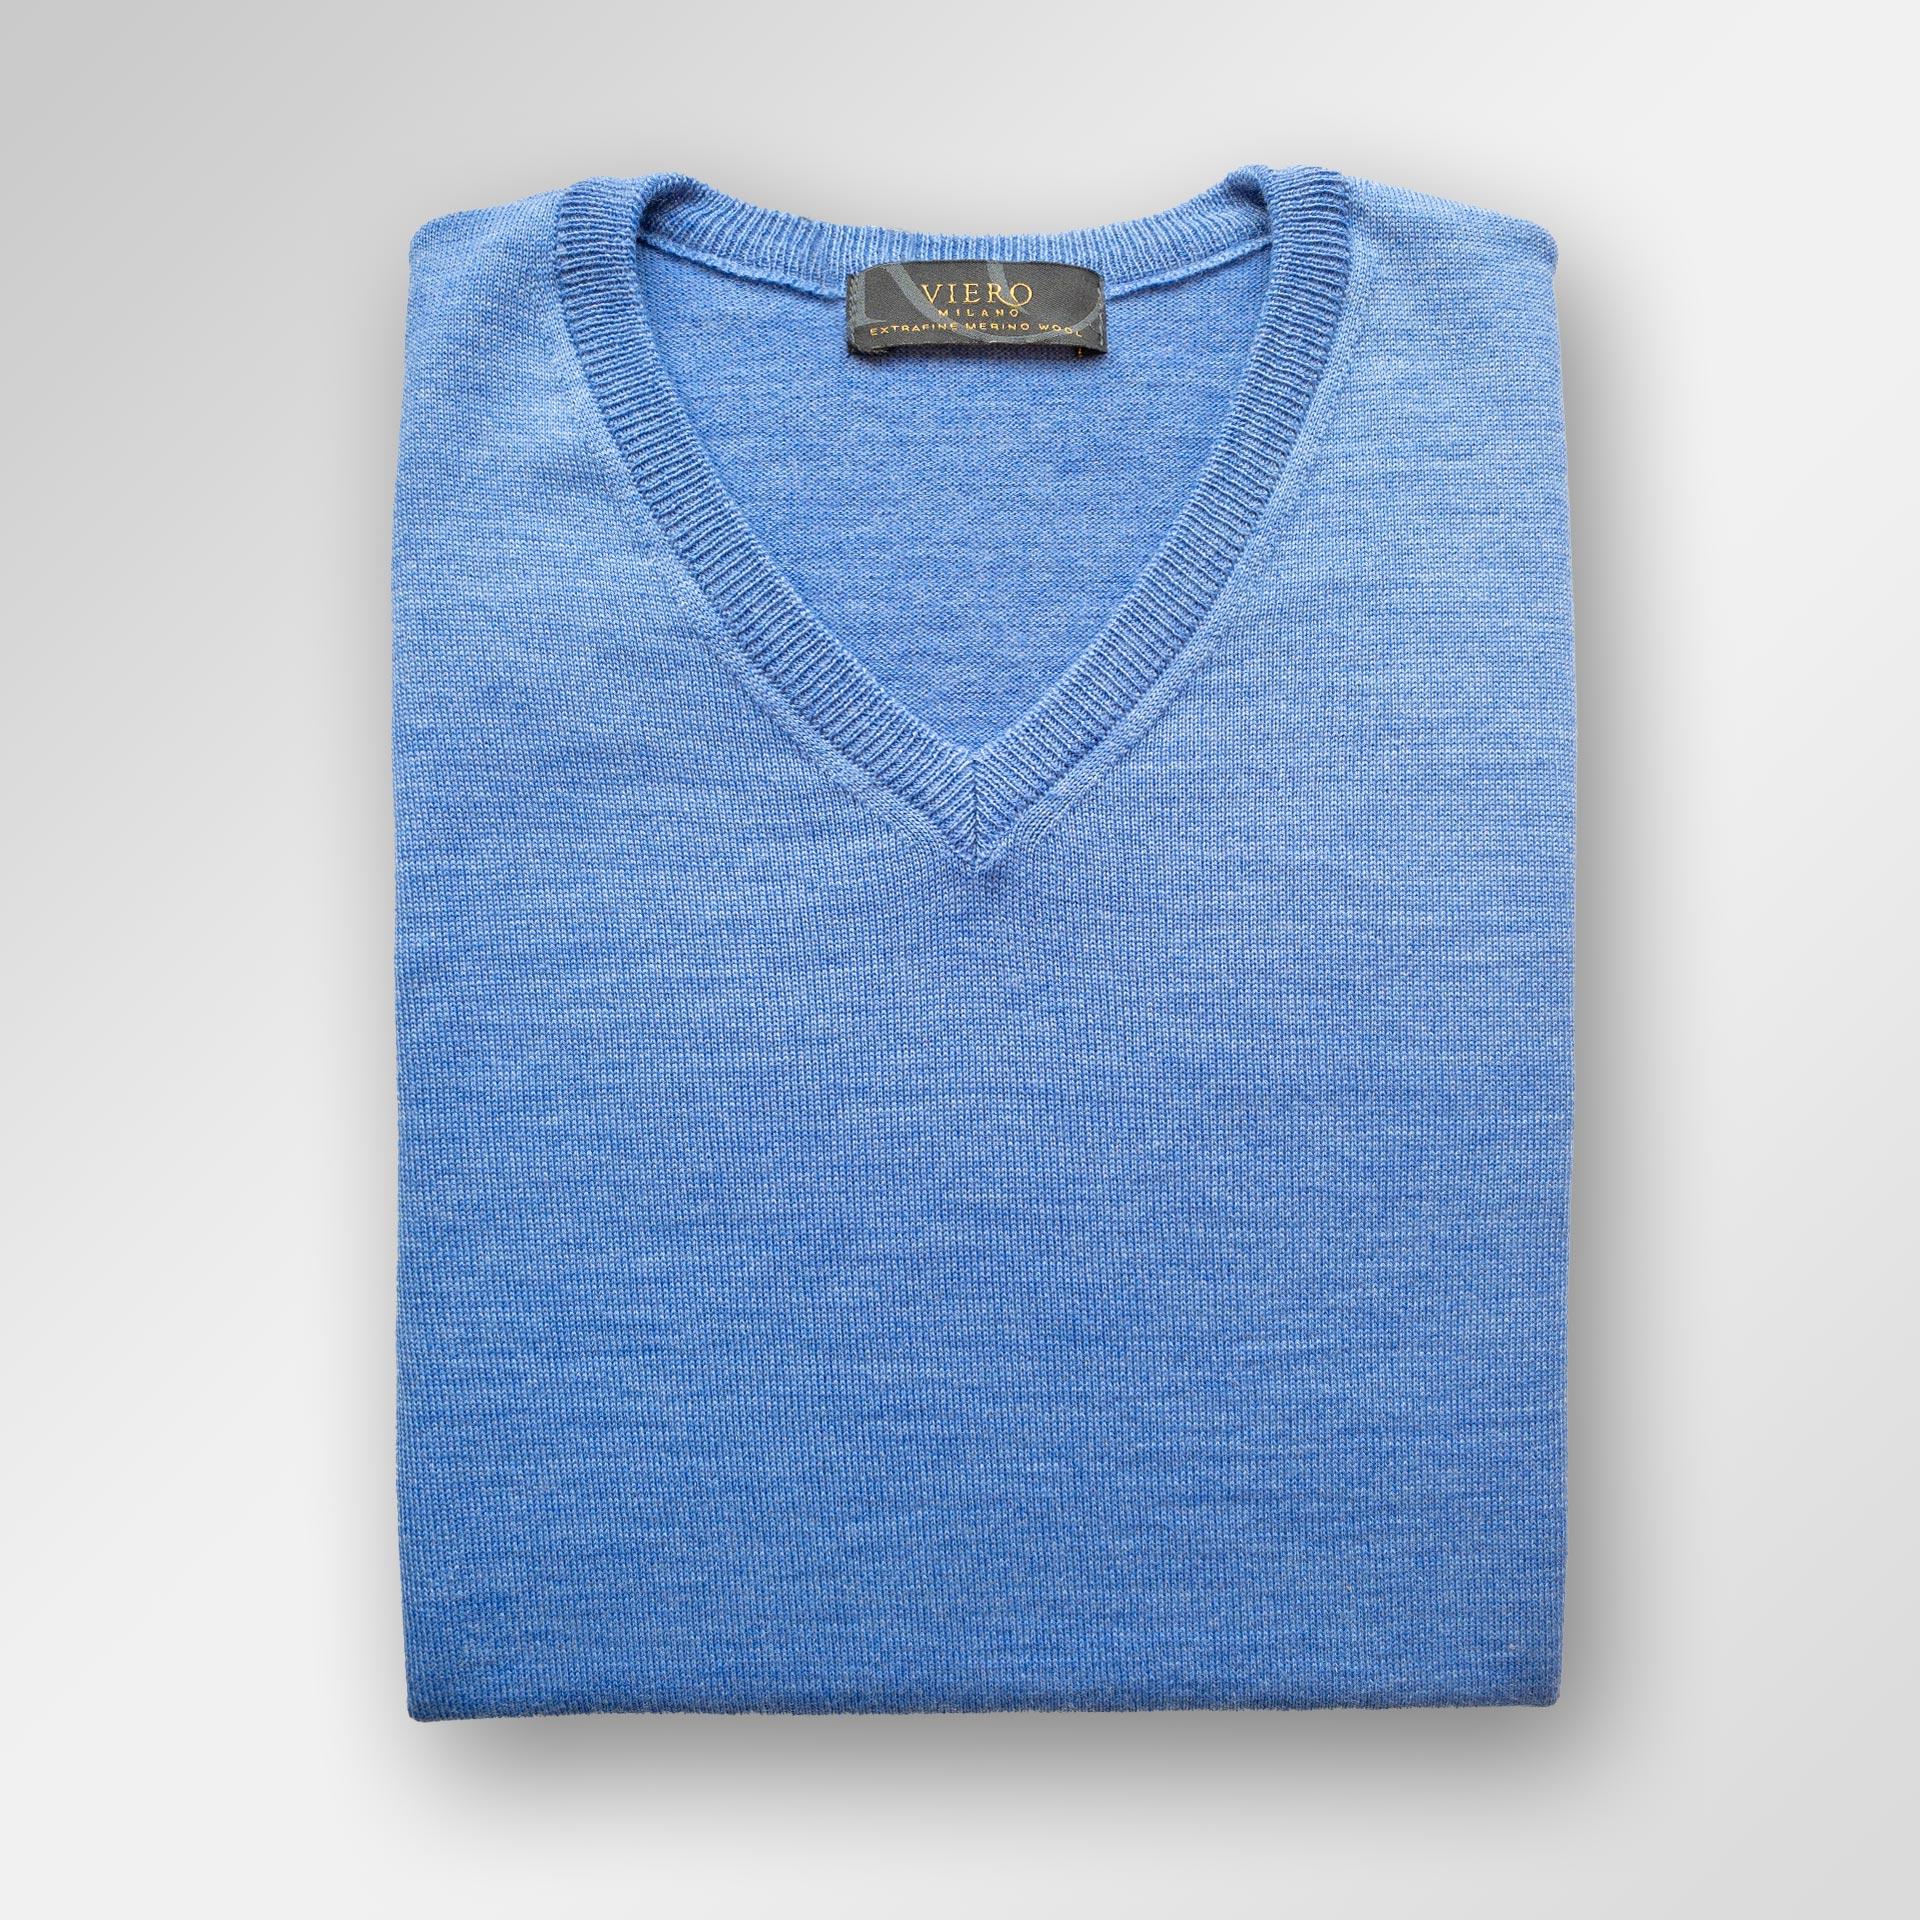 Melert blå Merinoull genser | Herre | Genser på